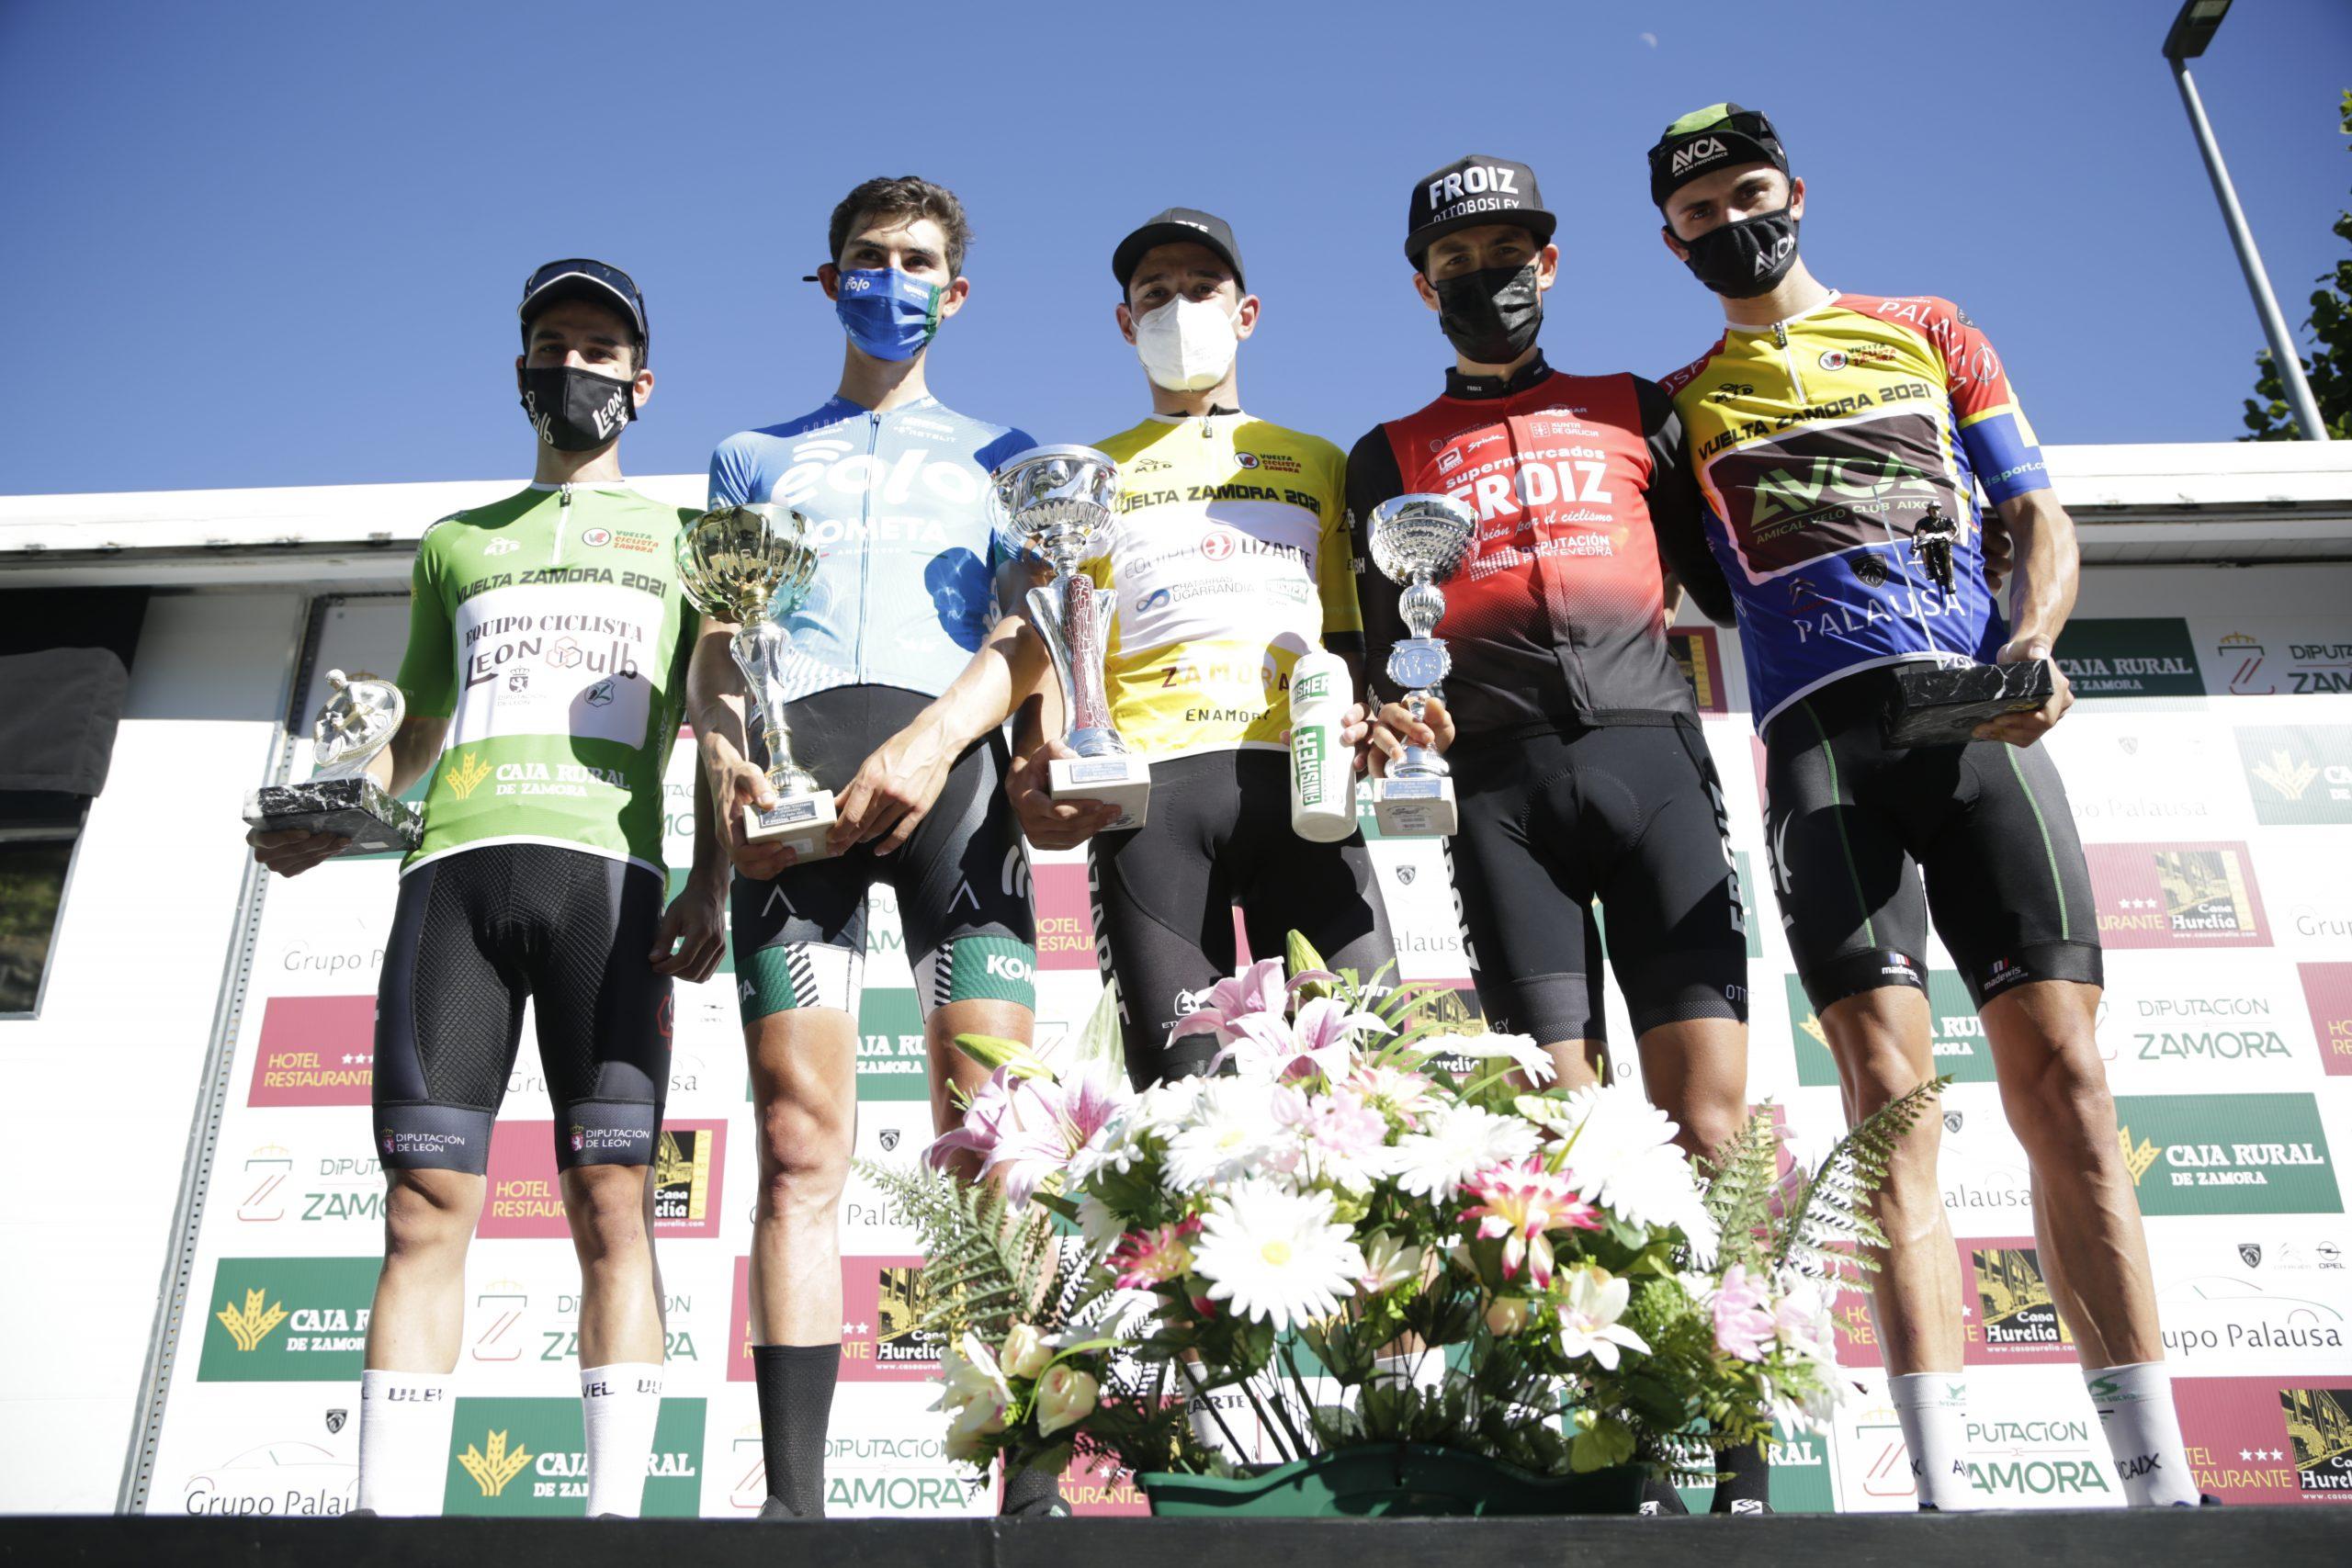 Protagonista del podium de la Vuelta a Zamora 2021 (Foto: Álvaro García-CDC Zamora-Ciclismo El Pelotón)